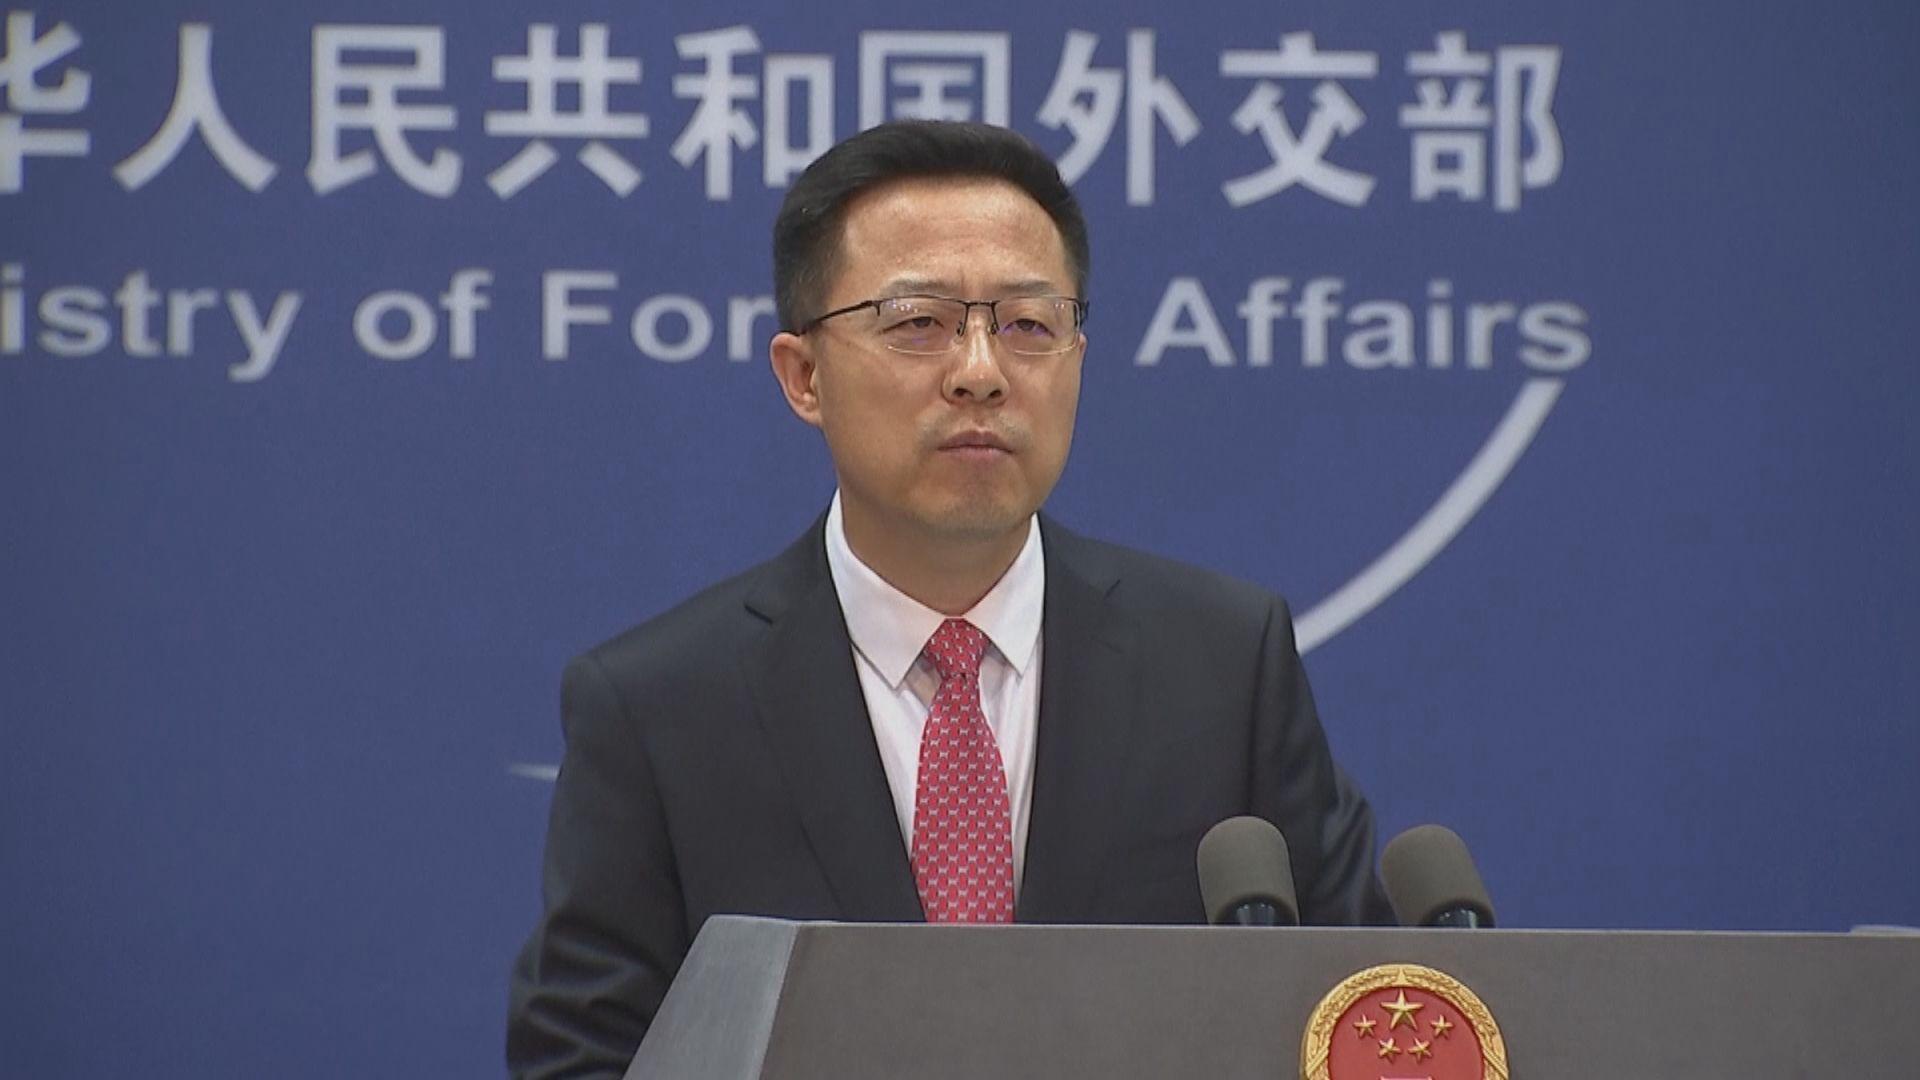 英指《蘋果日報》停運打擊言論自由 外交部批搞亂香港